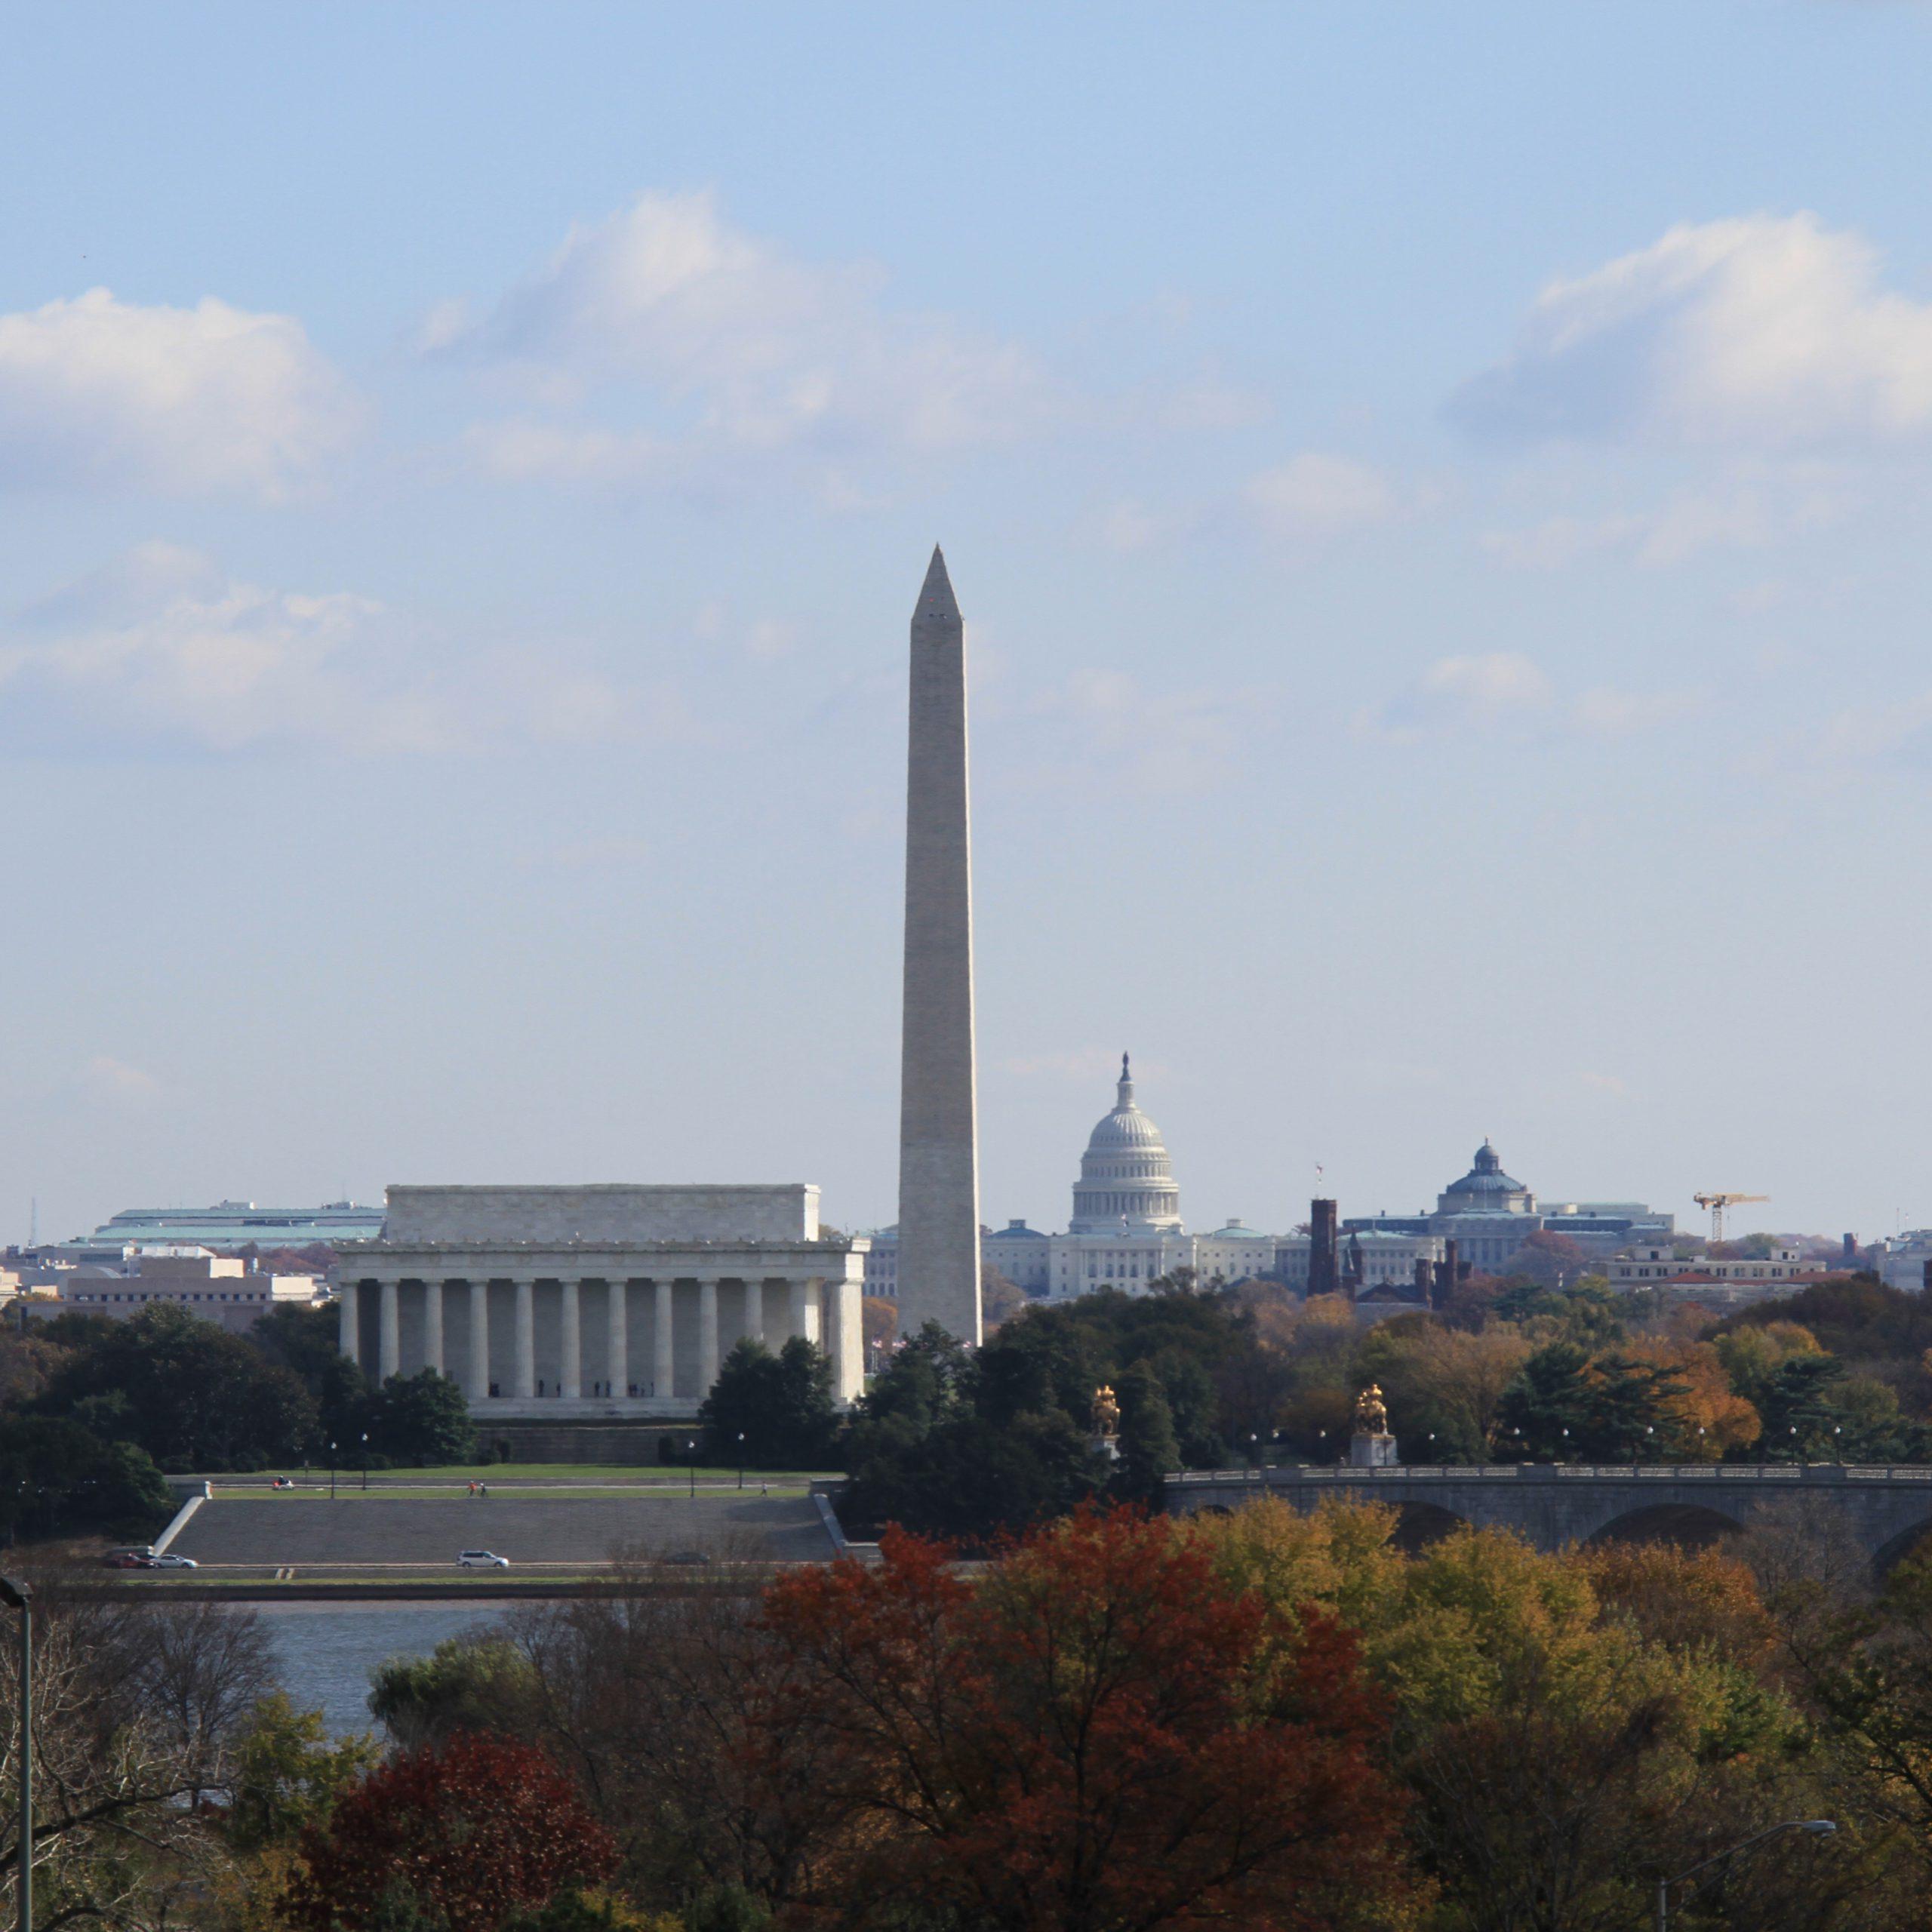 Take a tour in Washington, D.C.